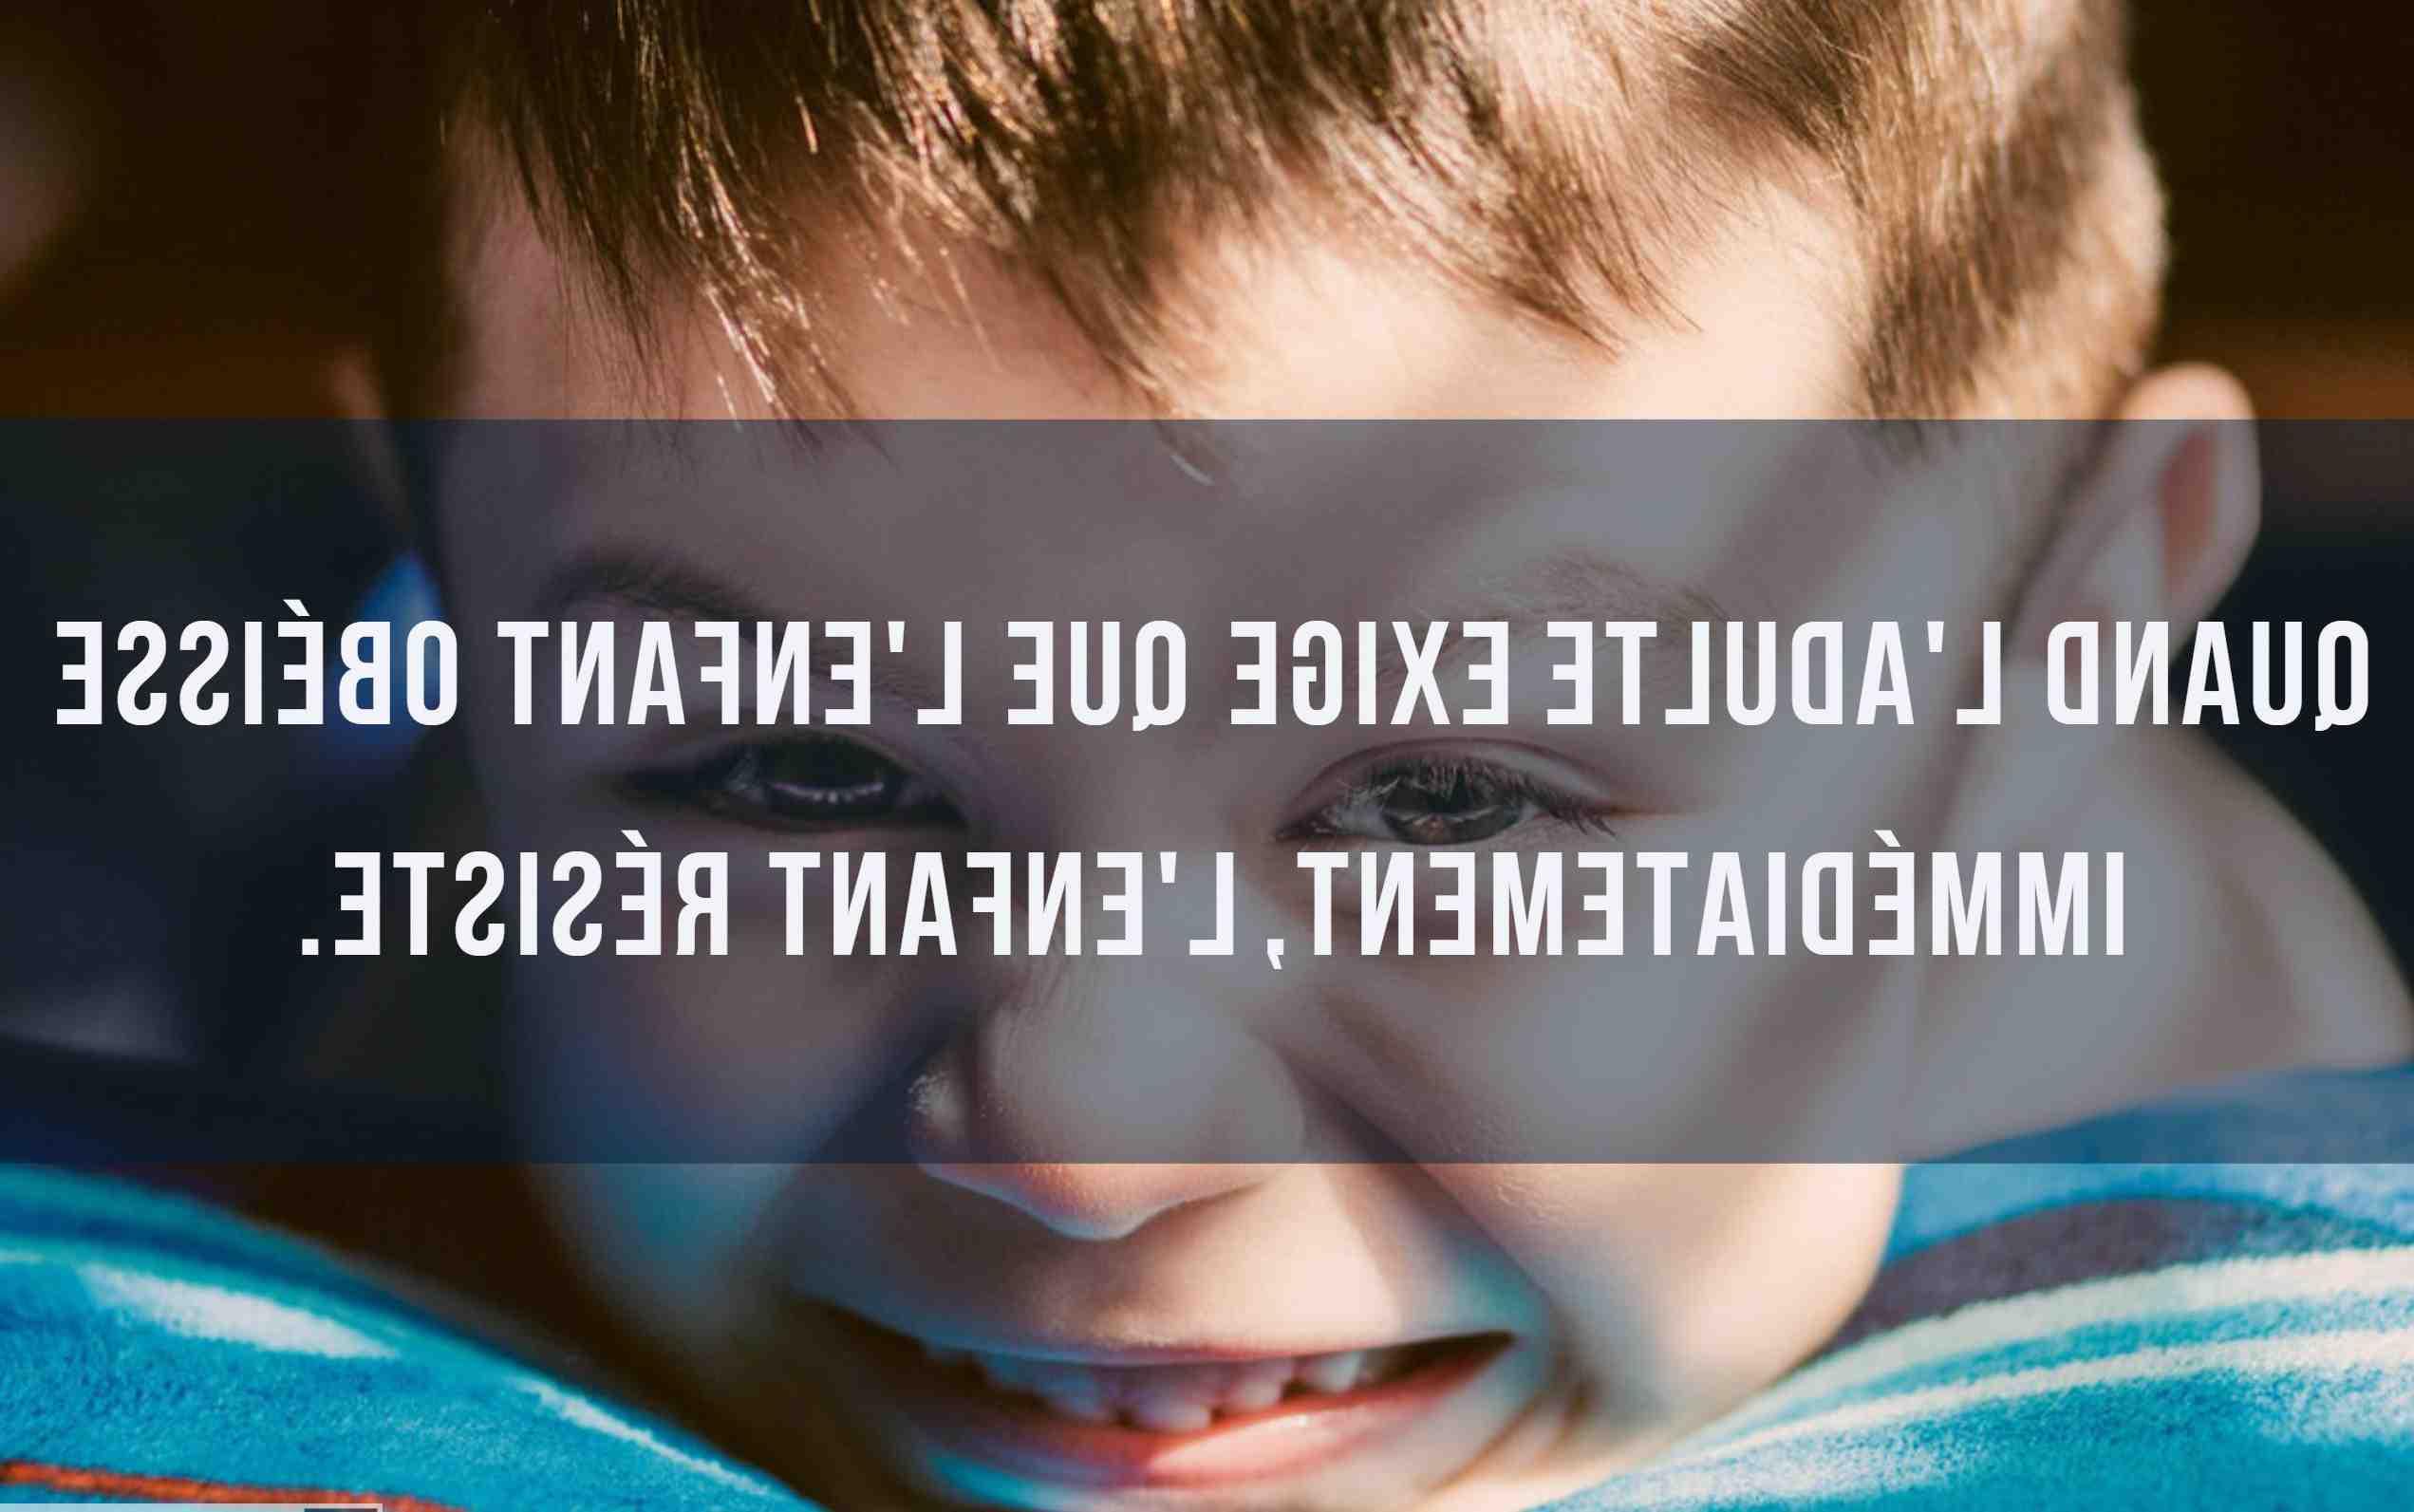 Quand commencer l'éducation d'un enfant ?